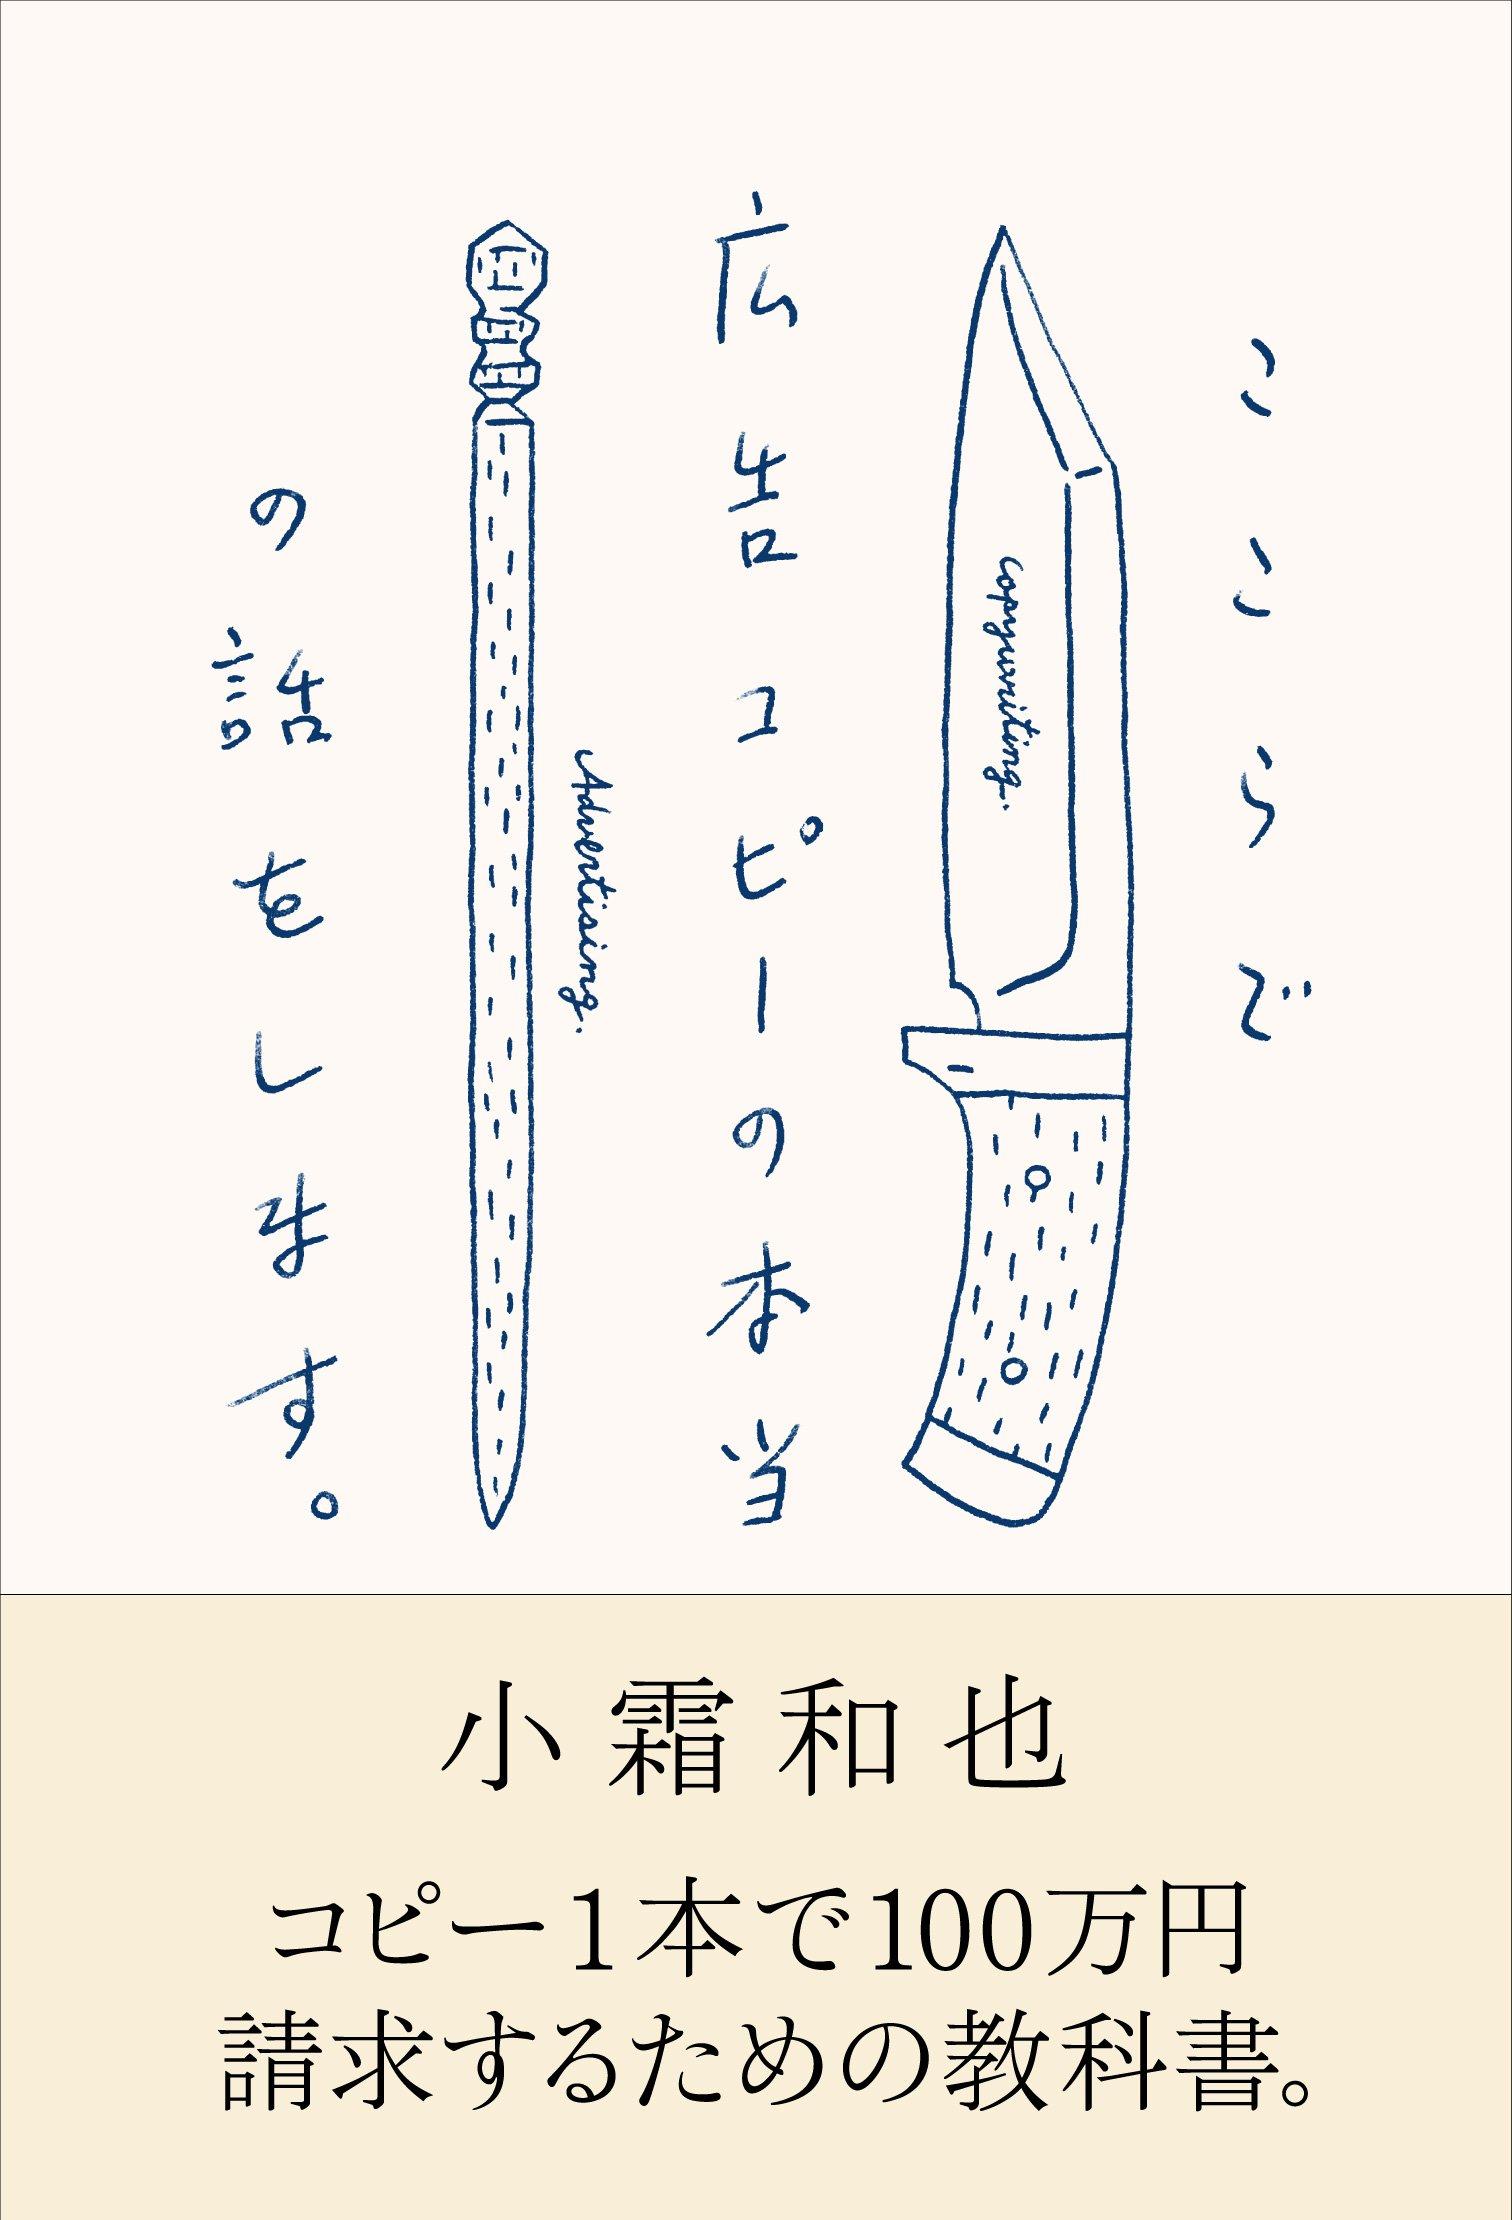 koshimo-book